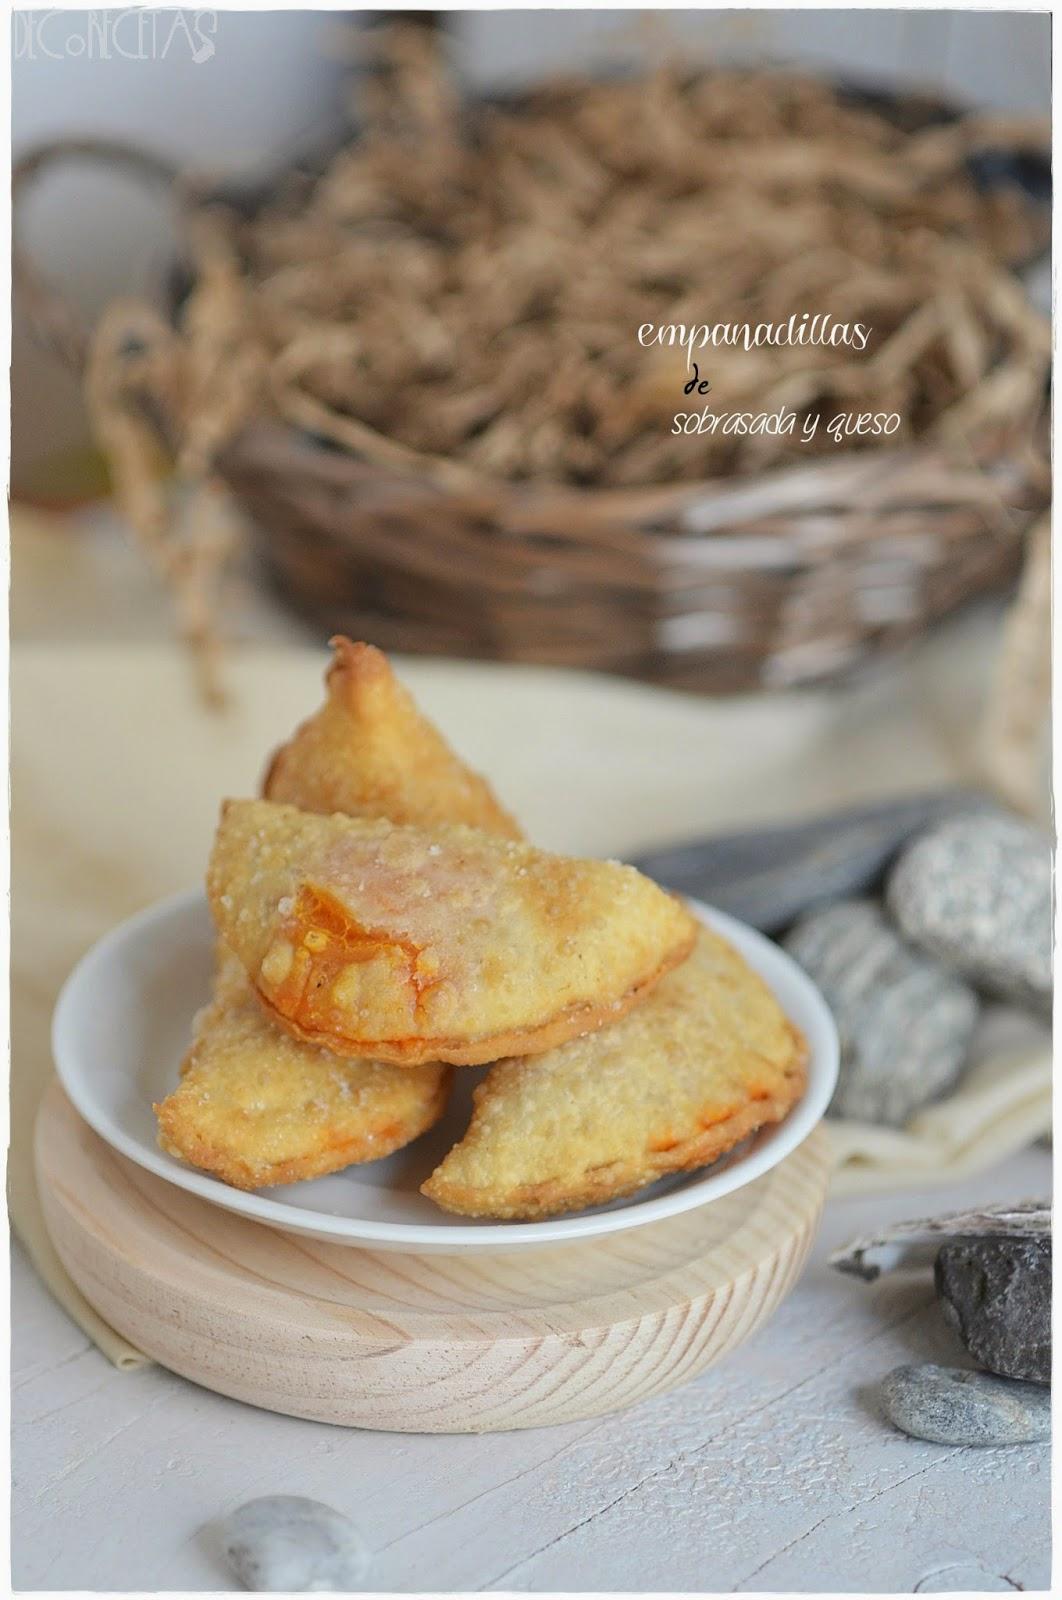 Empanadillas de sobrasada y queso